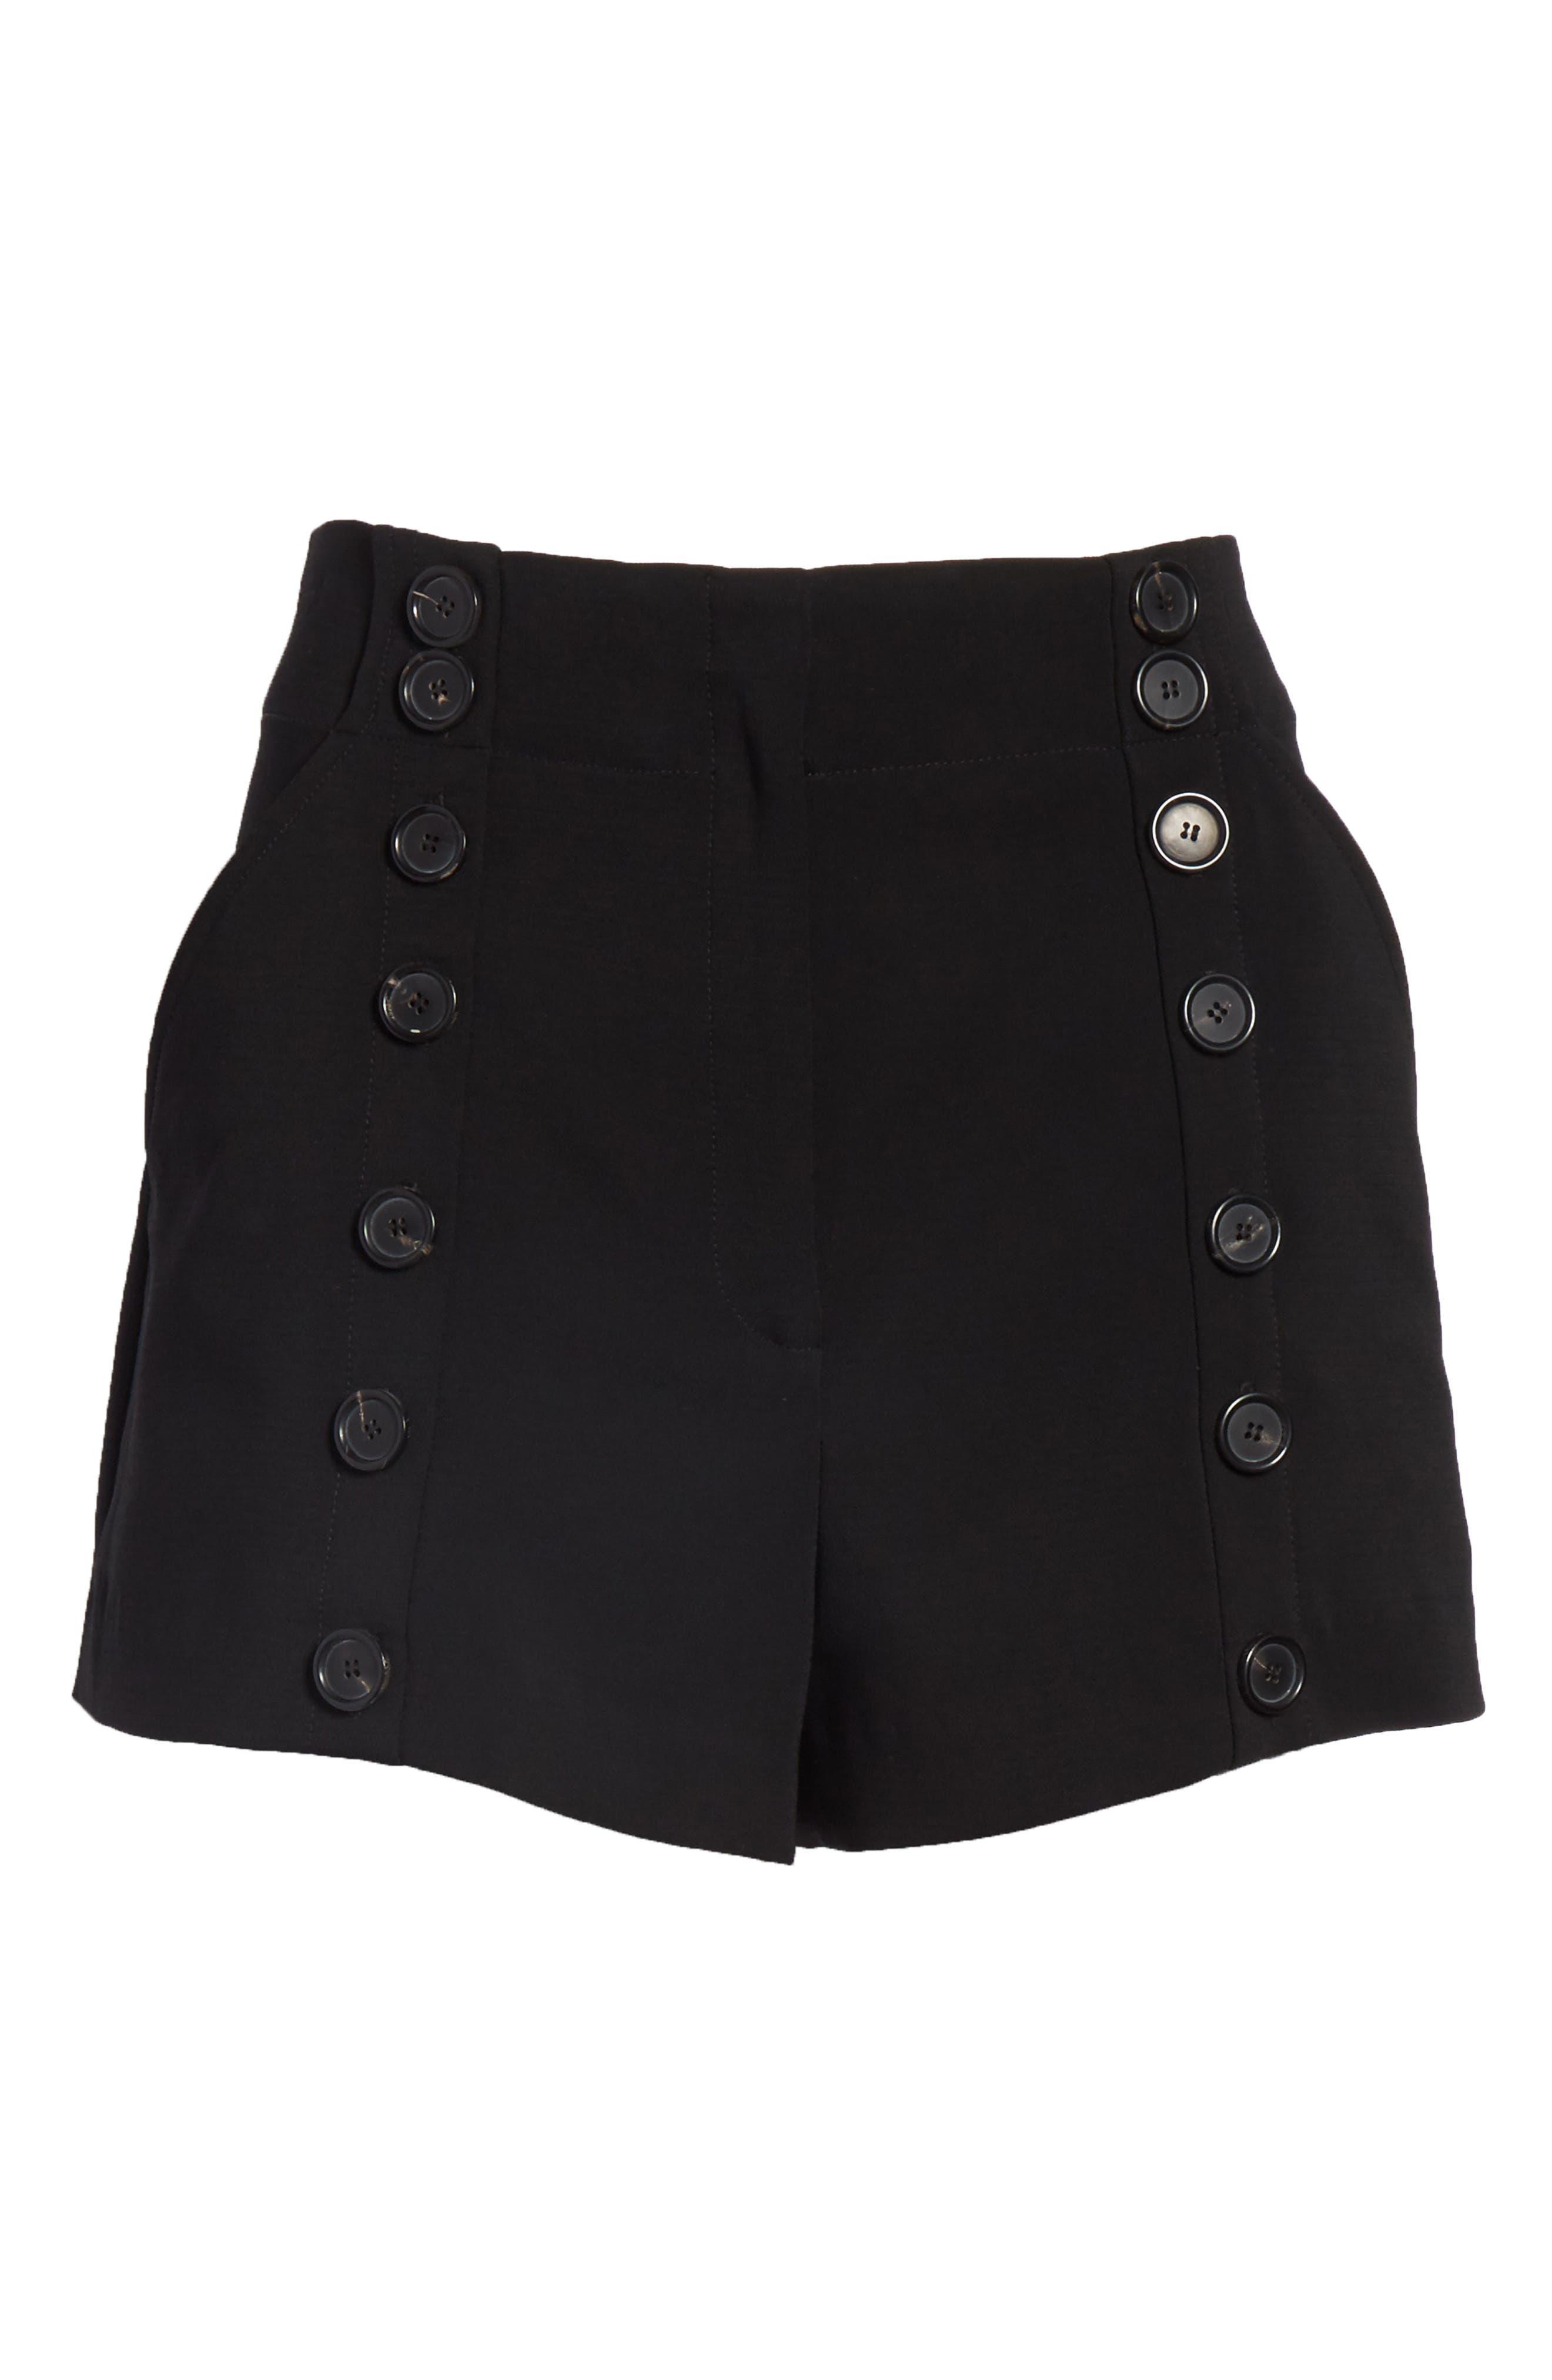 Issac Shorts,                             Alternate thumbnail 6, color,                             Black